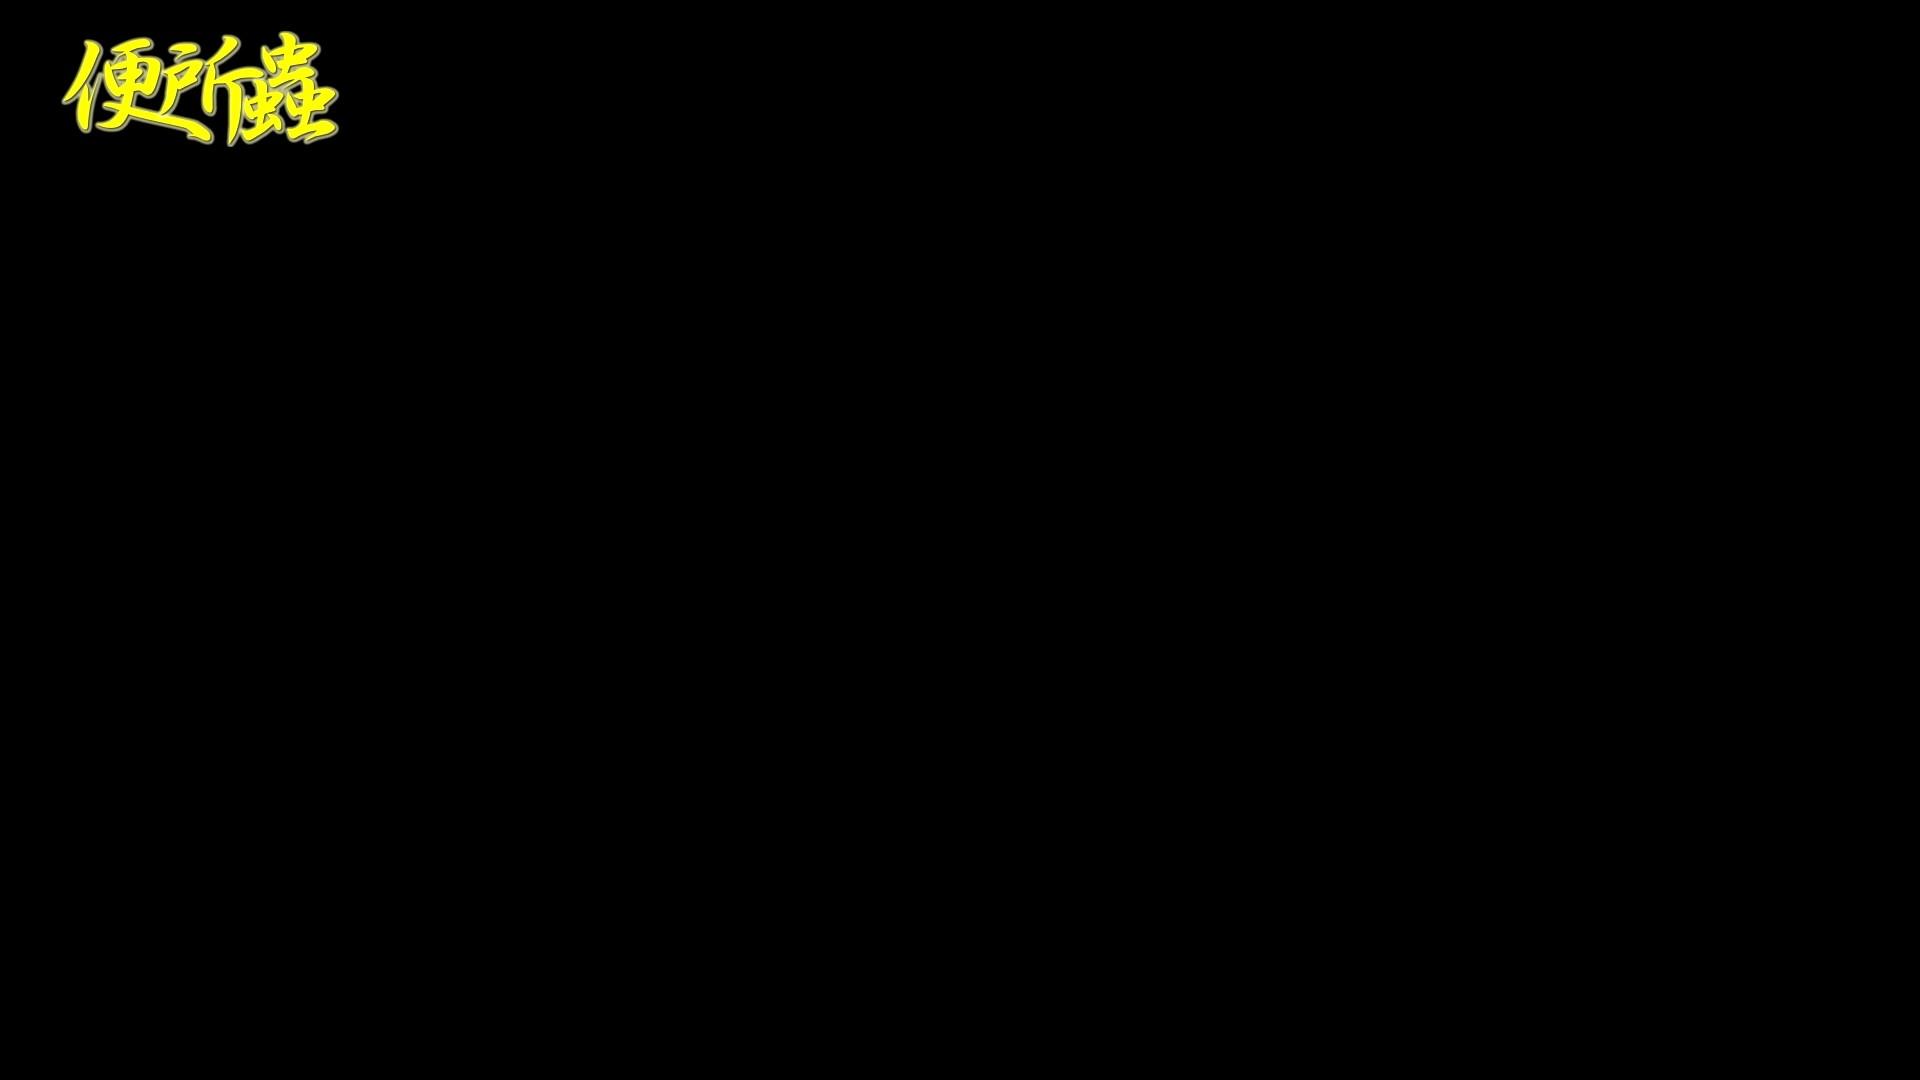 無修正ヌード|vol.15 便所蟲さんのリターン~寺子屋洗面所盗撮~|怪盗ジョーカー